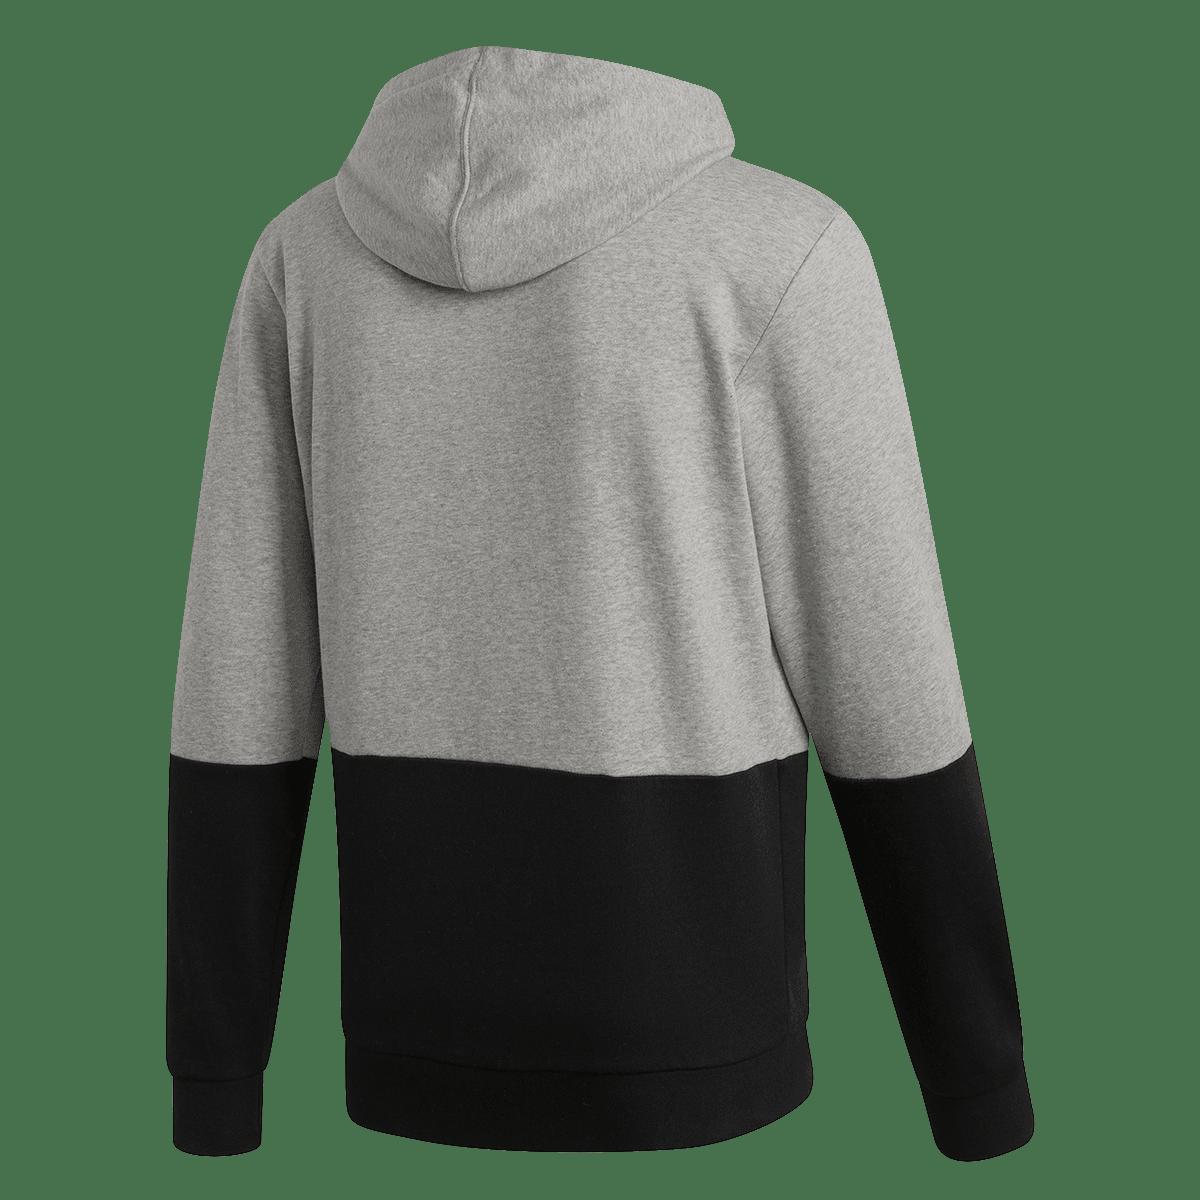 adidas bluza z kapturem Z.N.E. Hoody Fast Release Zipper czarnabiała